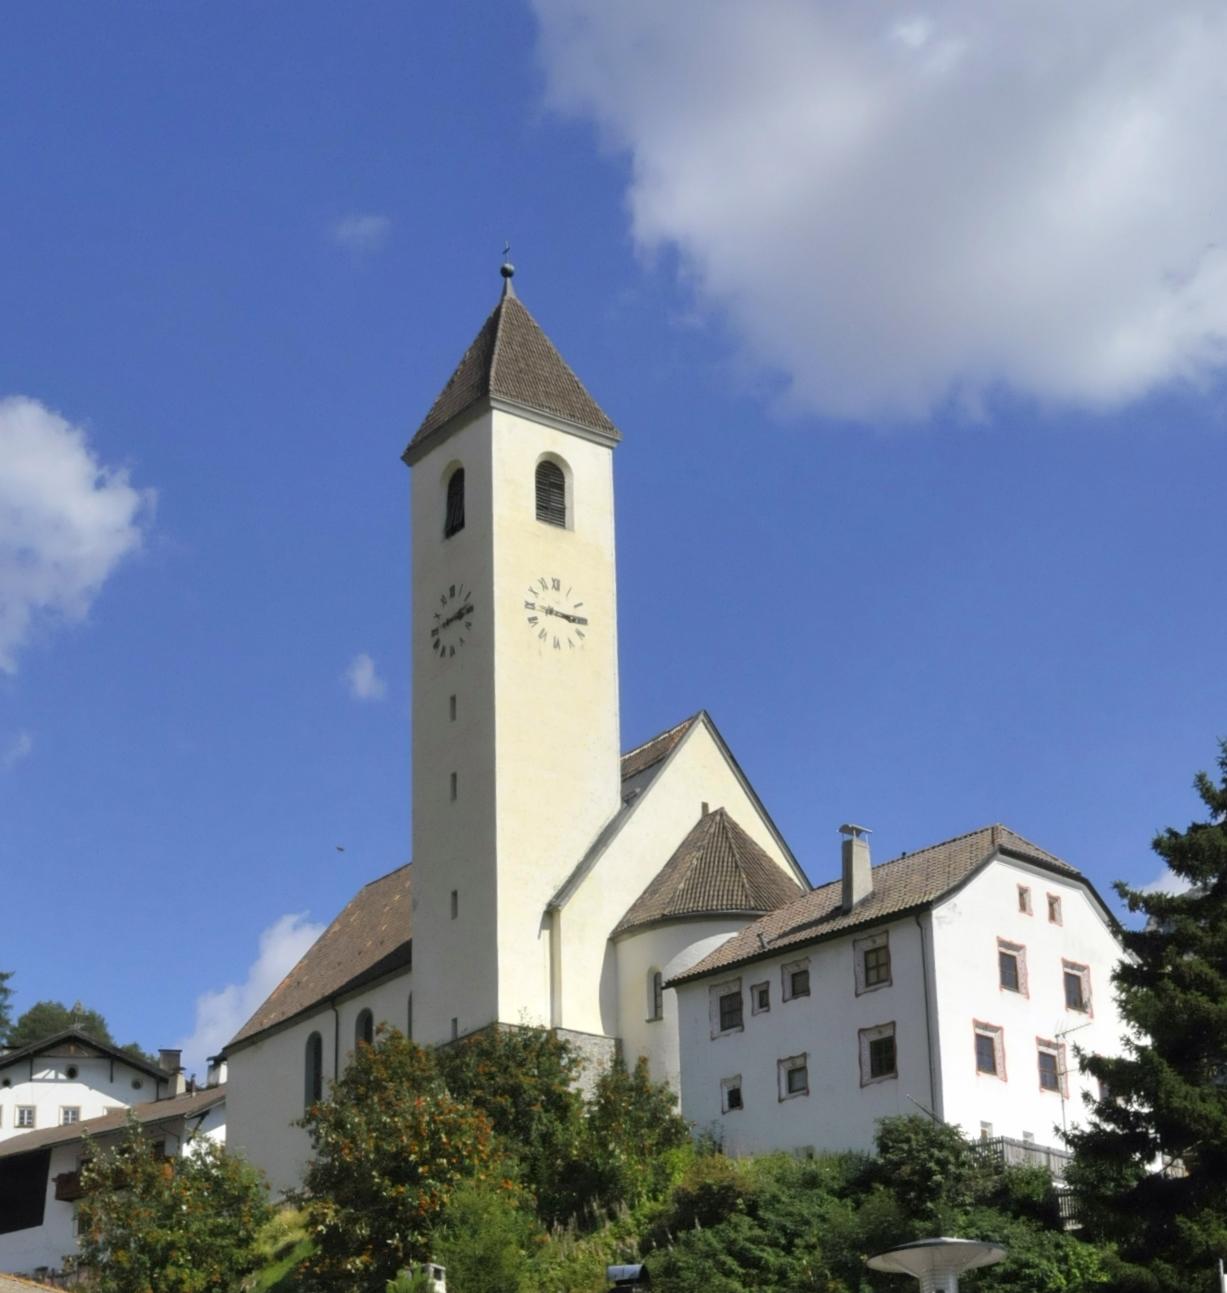 Curon i nowy kościół